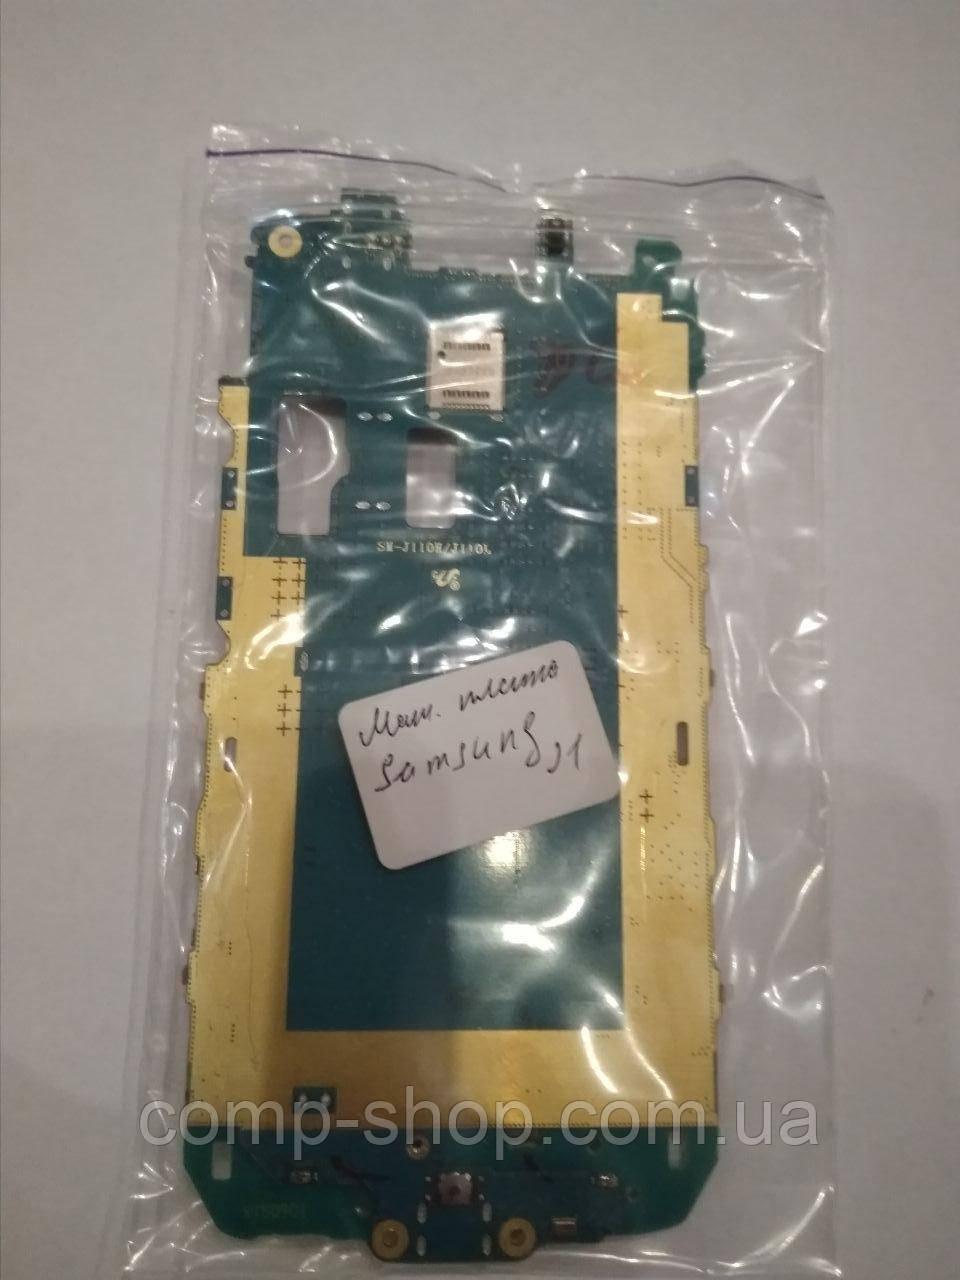 Материнская плата Samsung J1 оригинал бу, запчасть с разборки